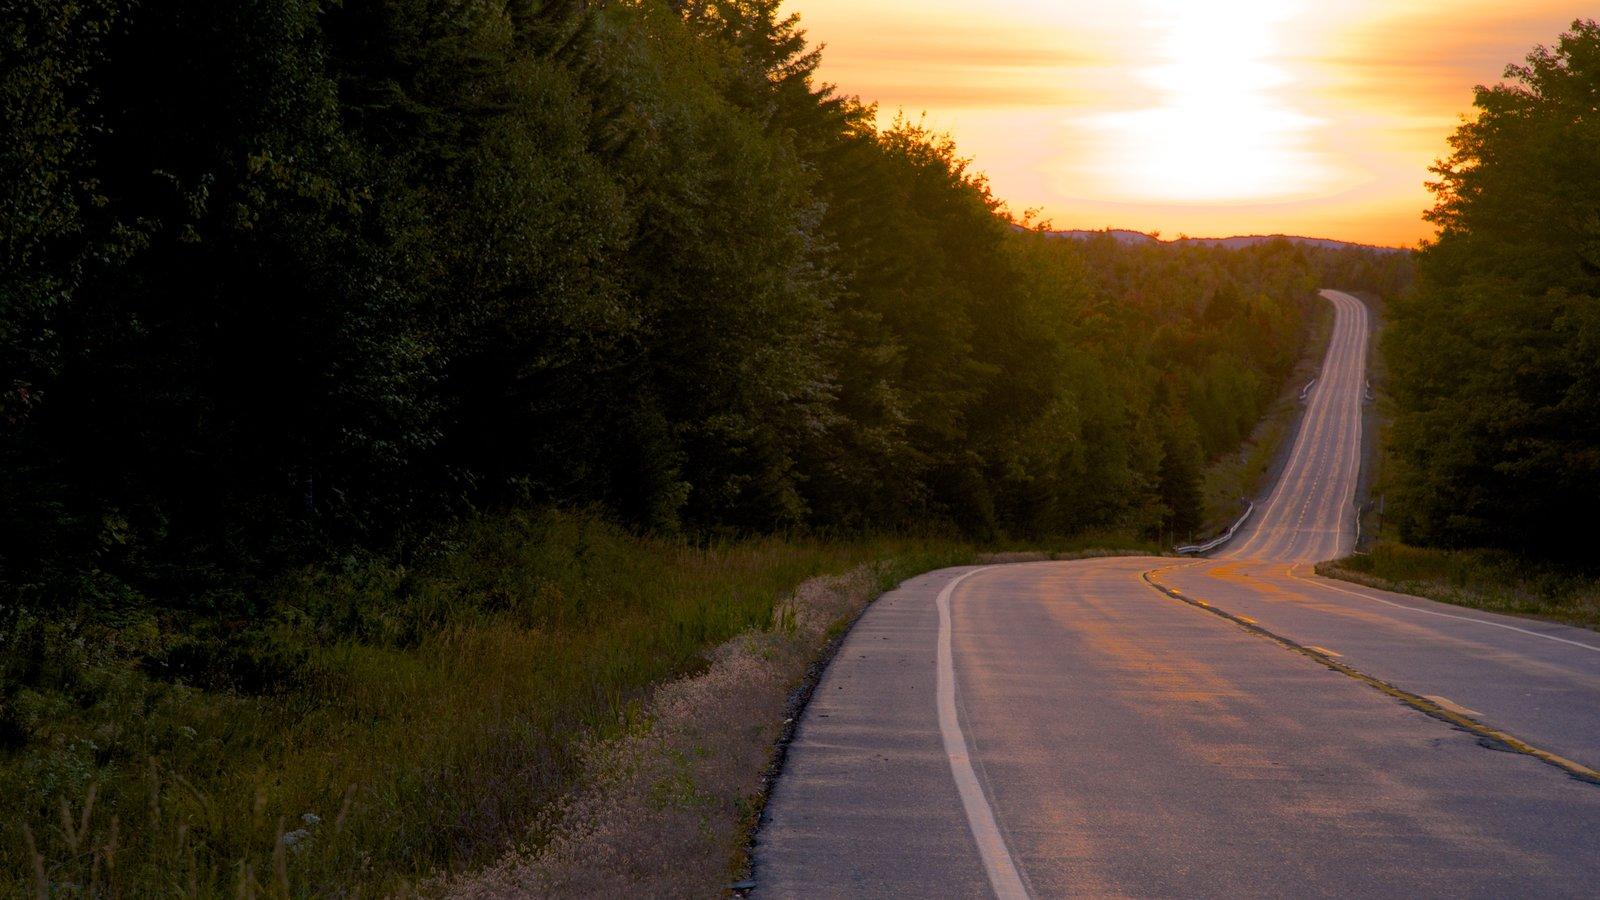 Maine mostrando una puesta de sol, bosques y escenas tranquilas